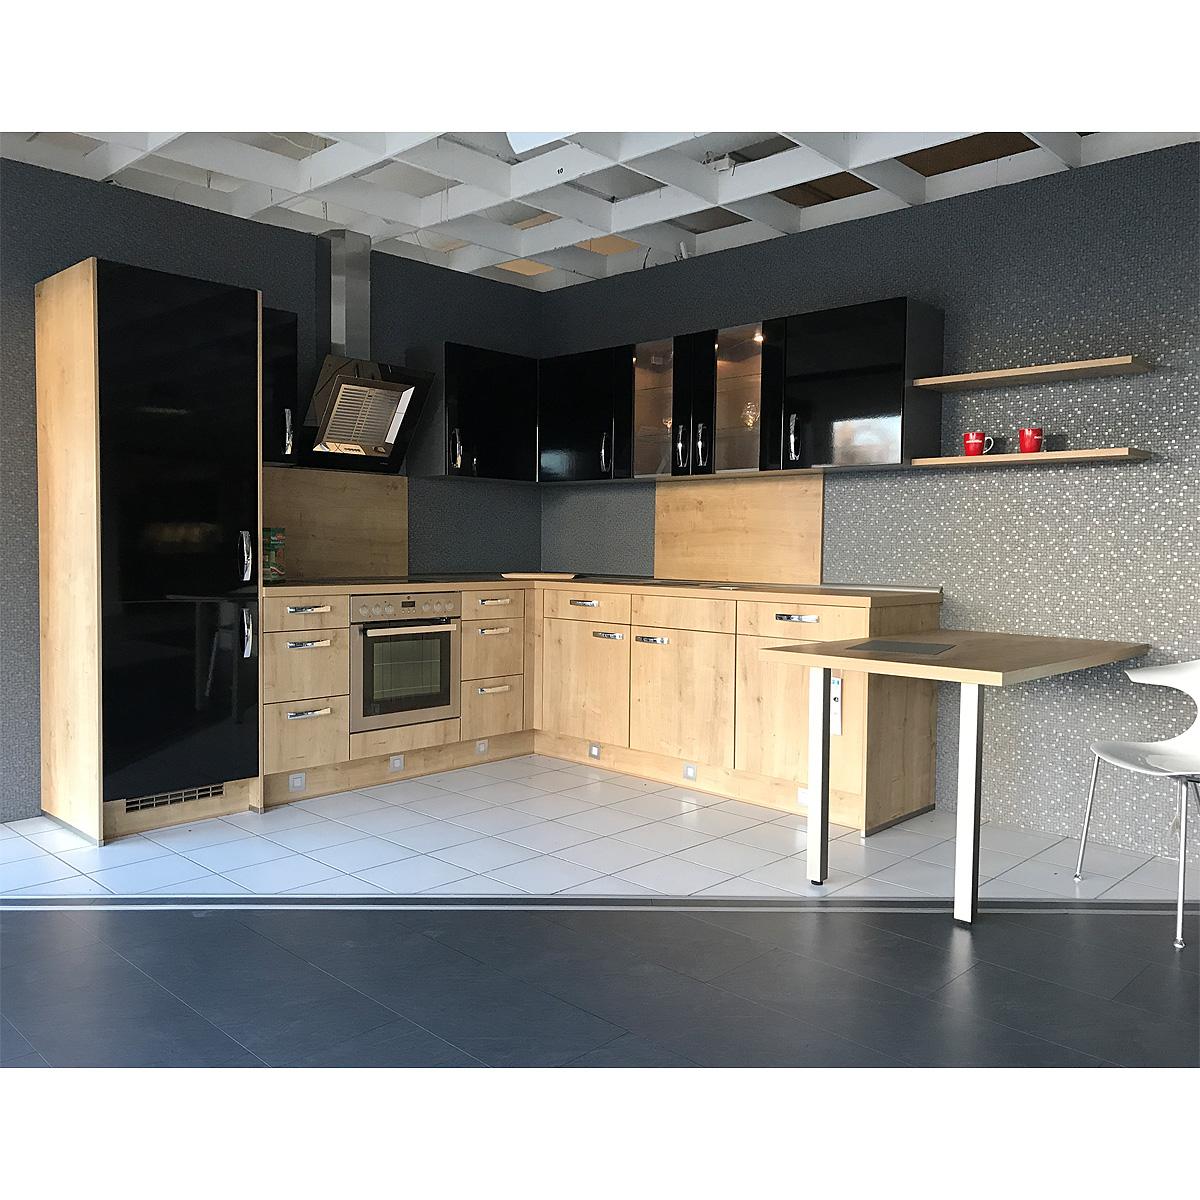 Einbaukuche Nobilia Ausstellungskuche Kuche In Schwarz Hochglanz